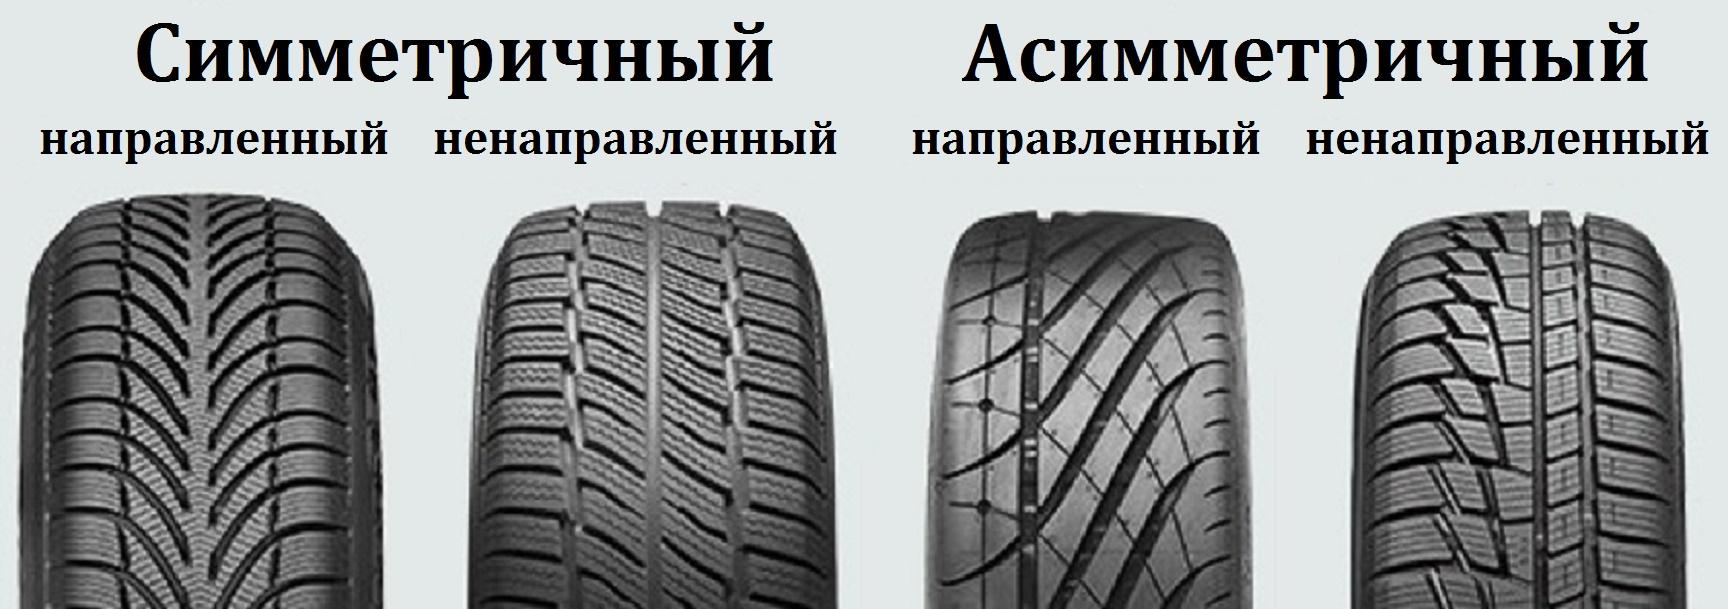 подобрать шины